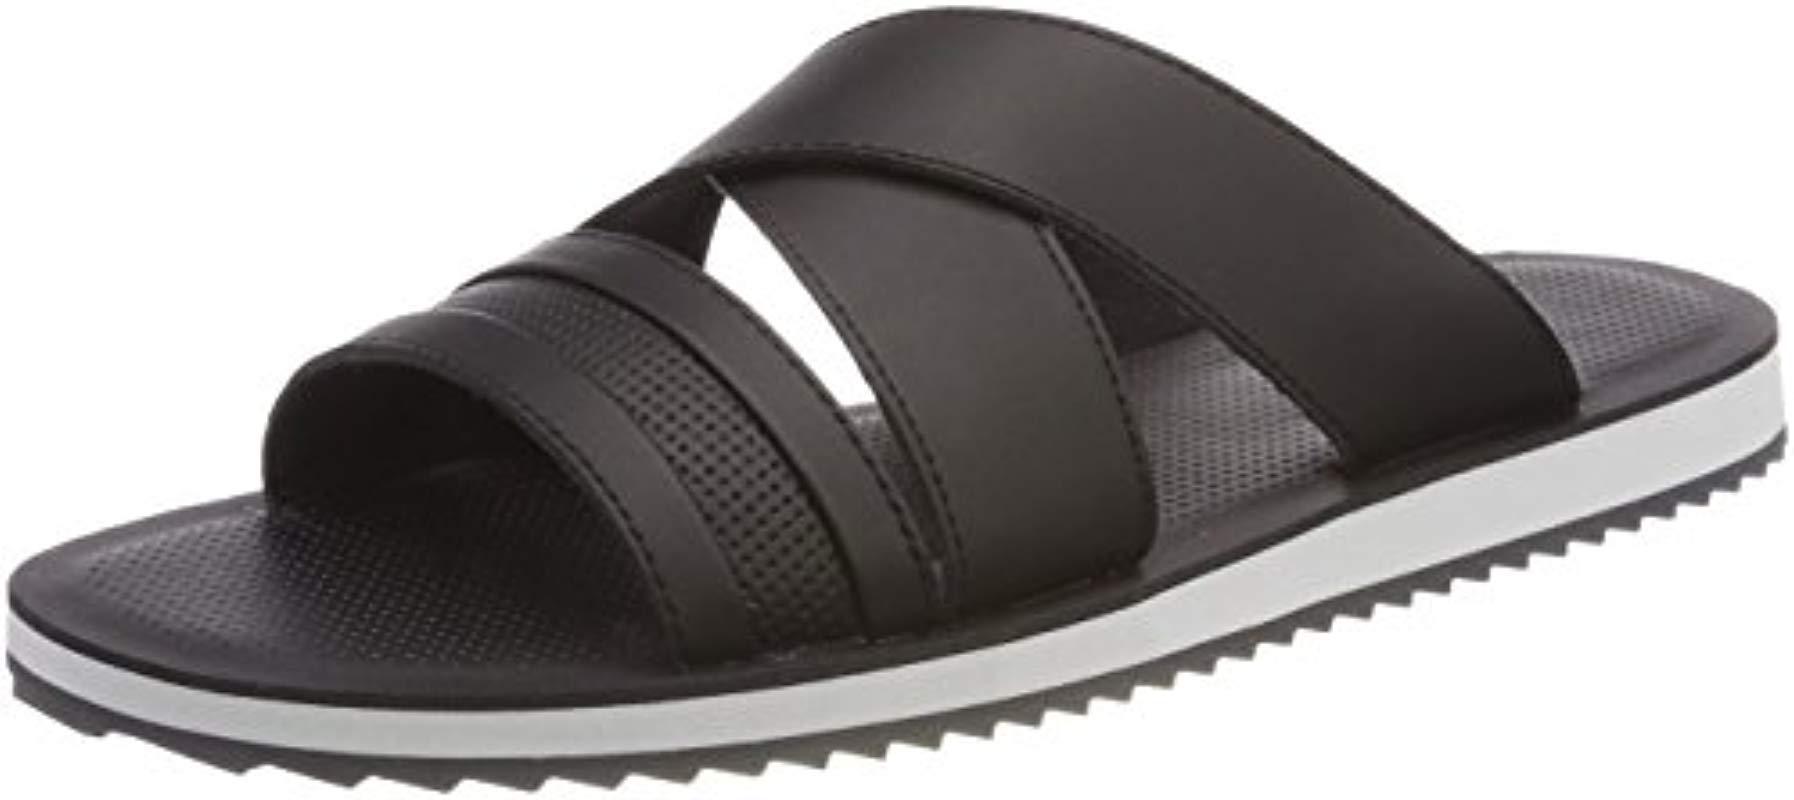 721a439db55 ALDO Agreillan Open Back Slippers in Black for Men - Lyst